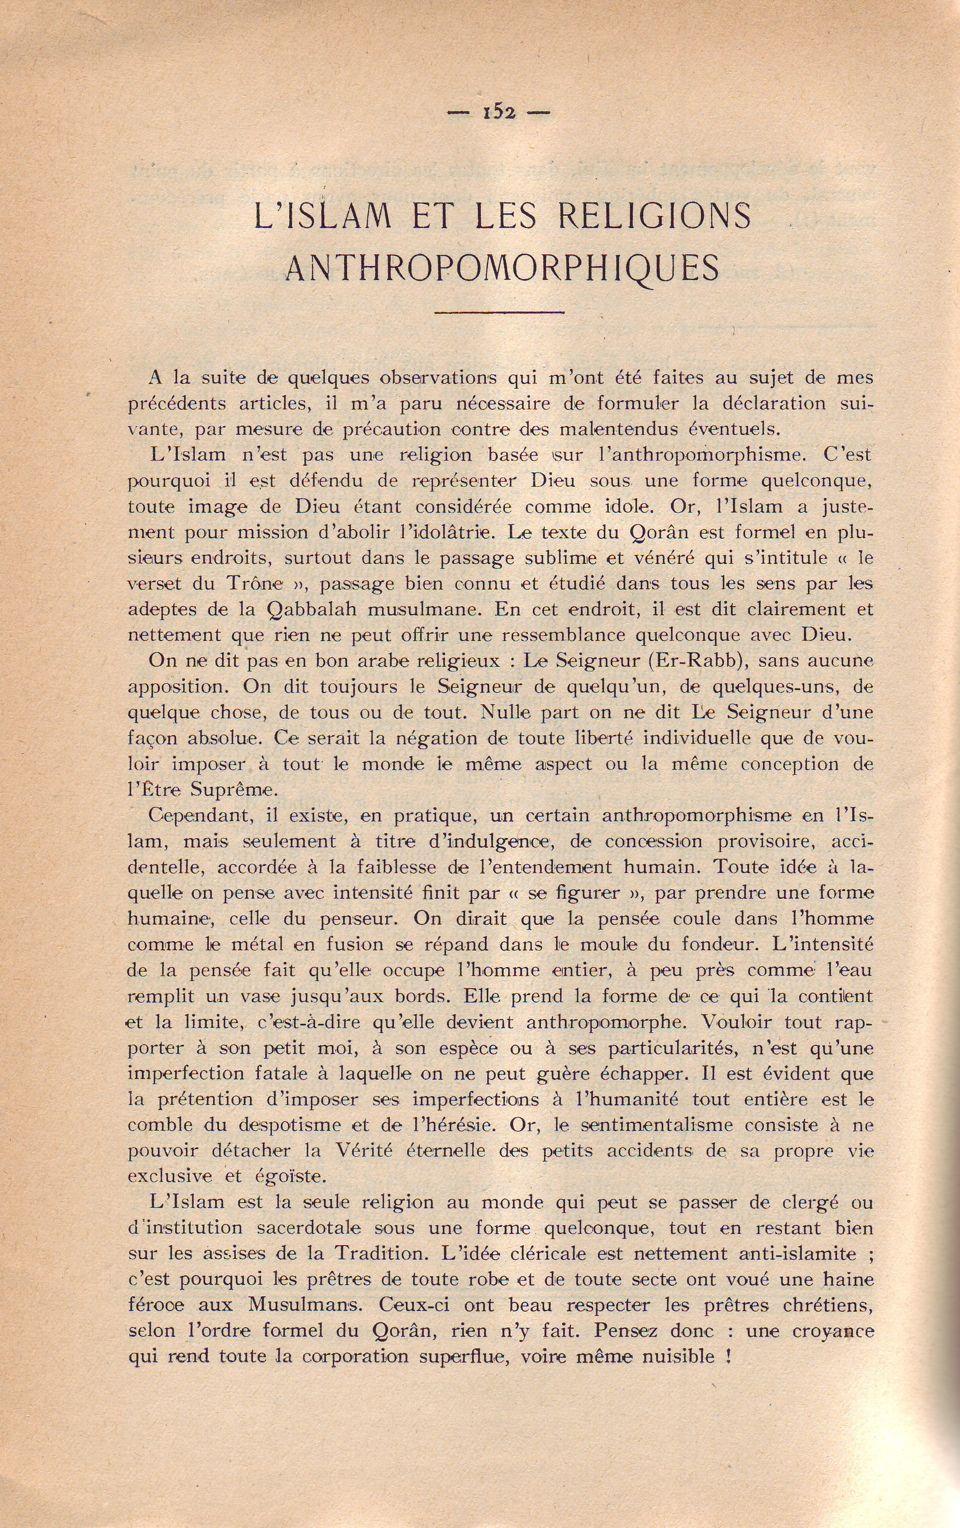 L´Islam...phiques 1. 152